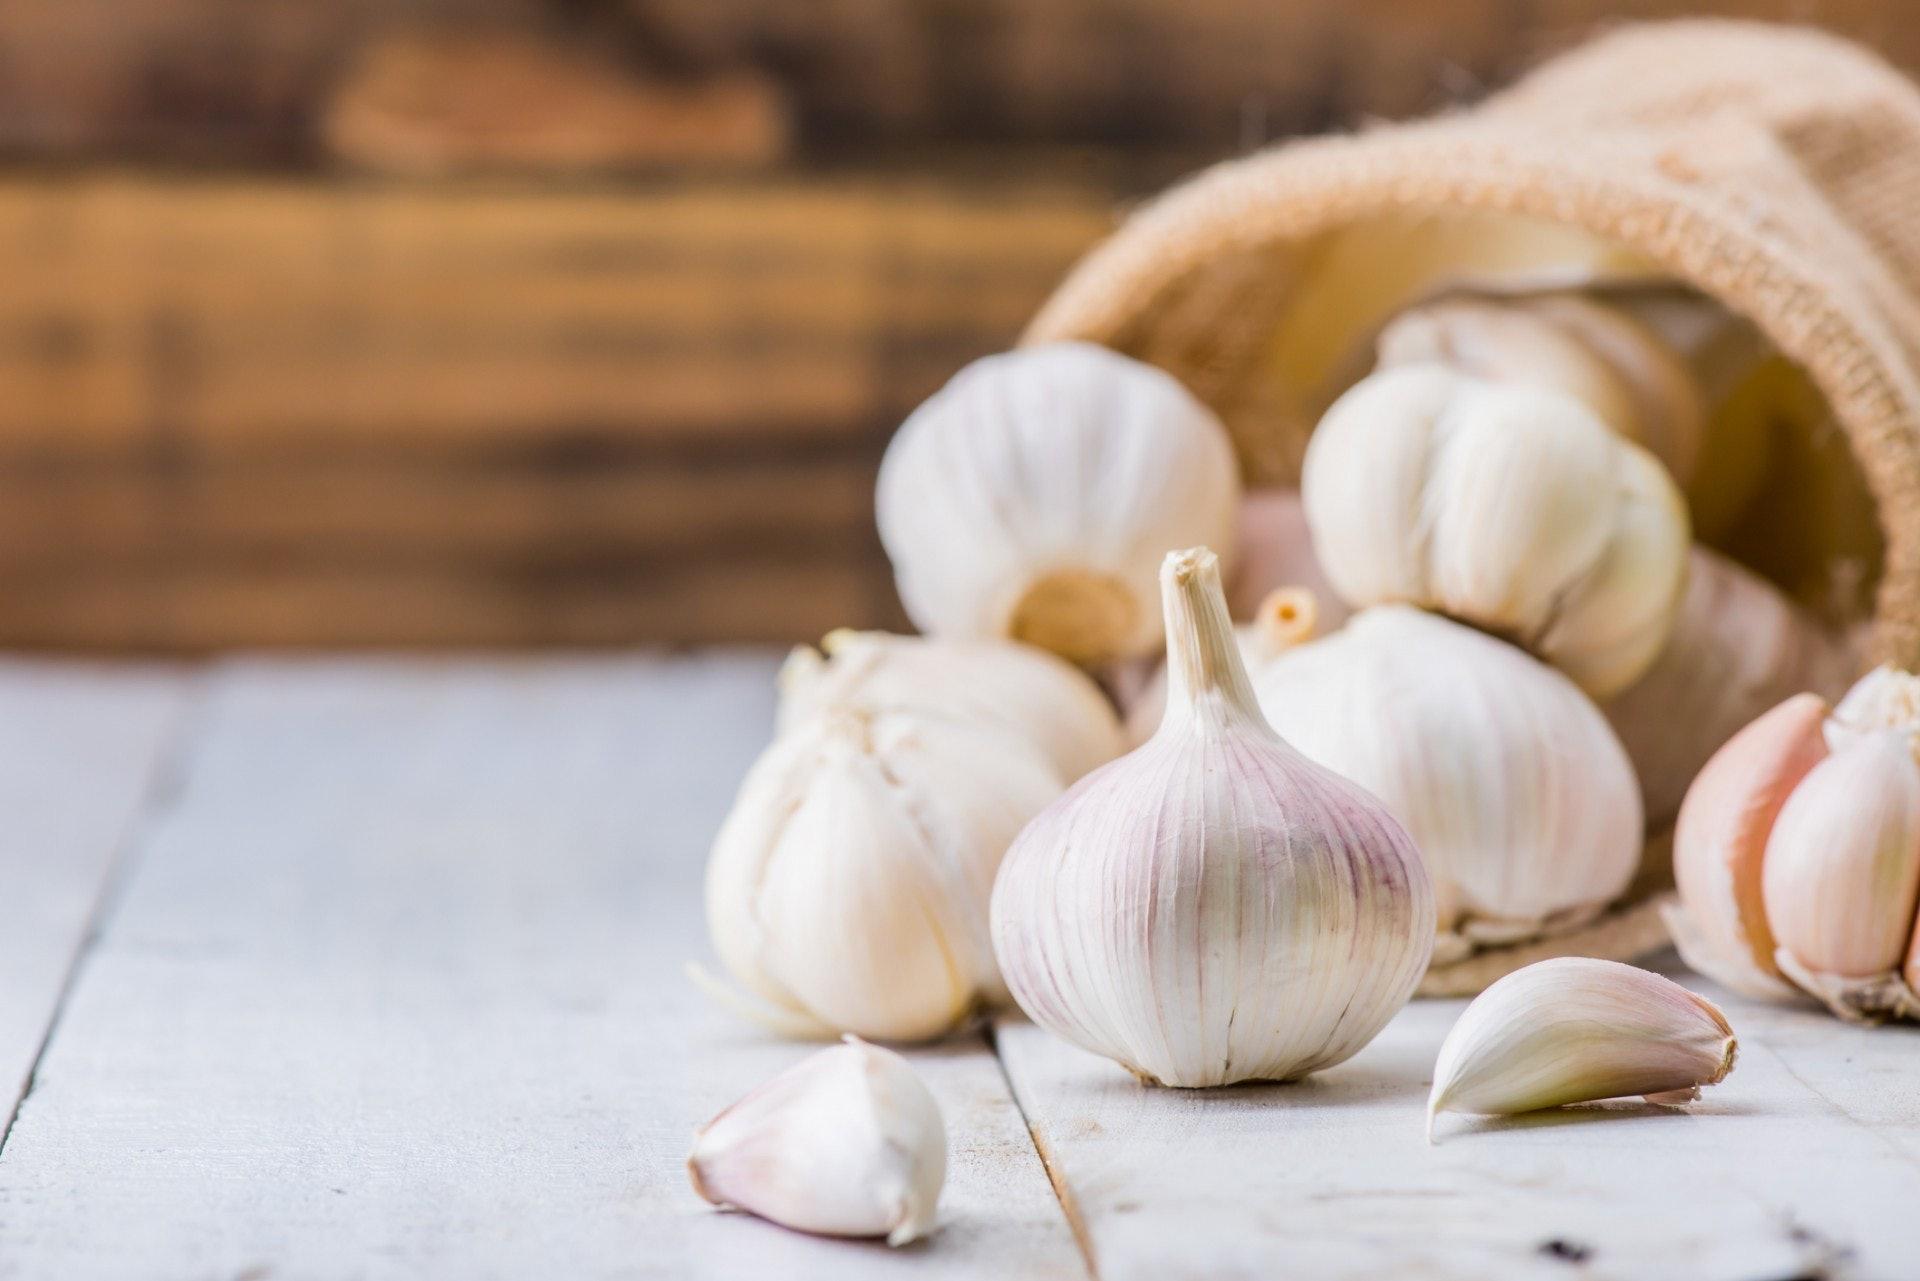 6.蒜頭|蒜頭可謂一種天然草本藥物,以殺菌功效見稱。另外也有不少研究顯示,蒜汁加上甲福明(一種治療二型糖尿病的藥物)會有保護腎臟的功效。(GettyImages)